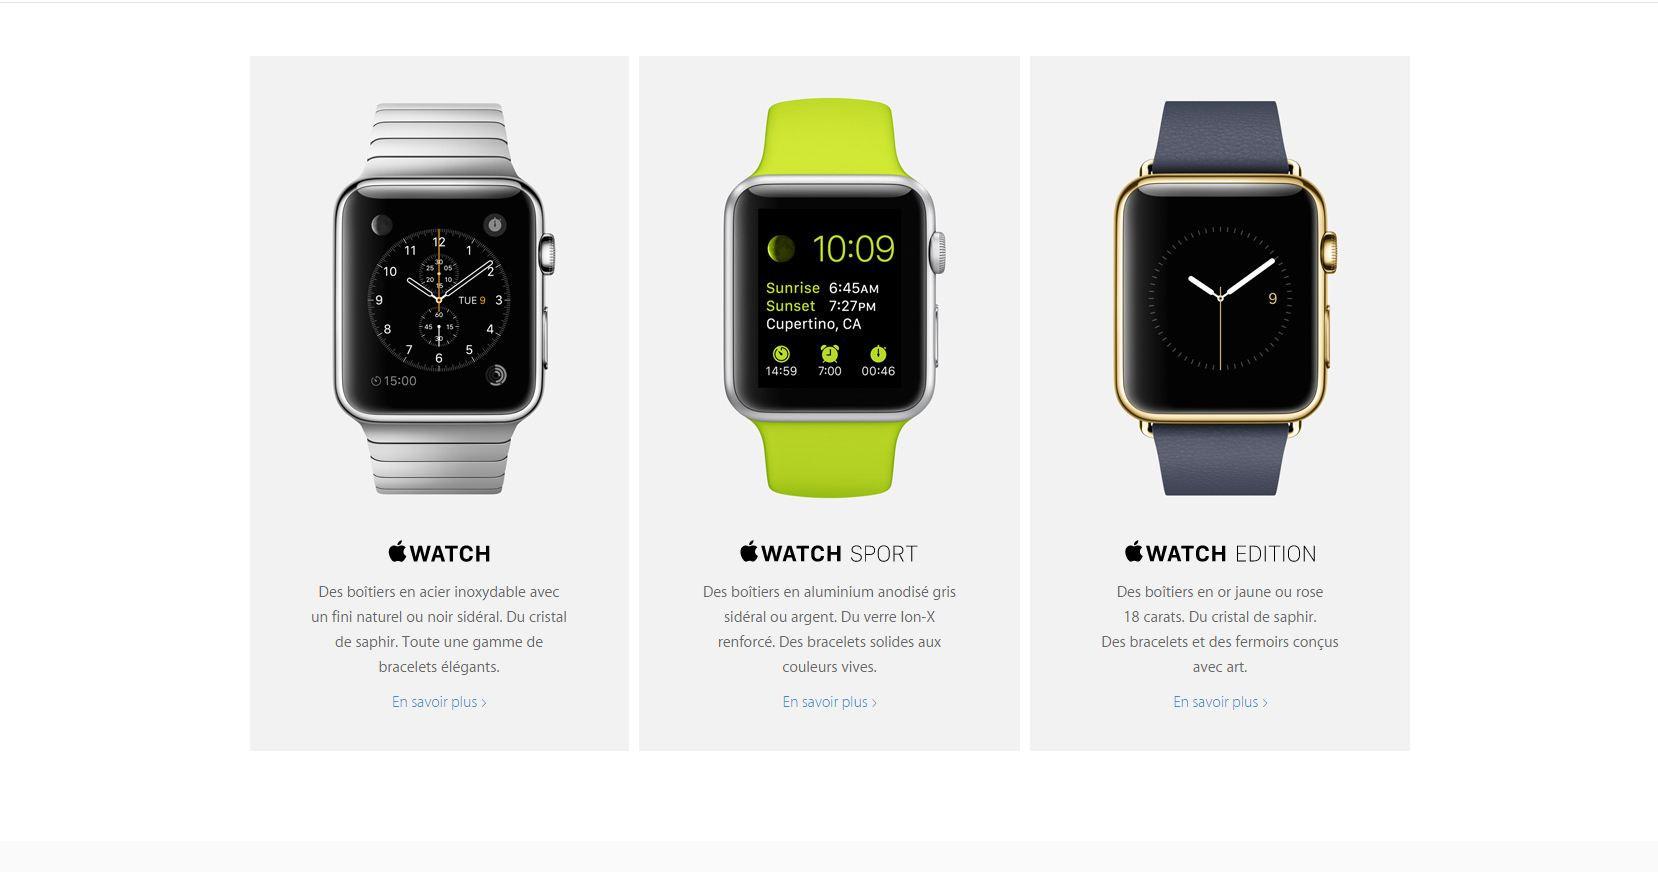 Les trois modèles de l'Apple Watch